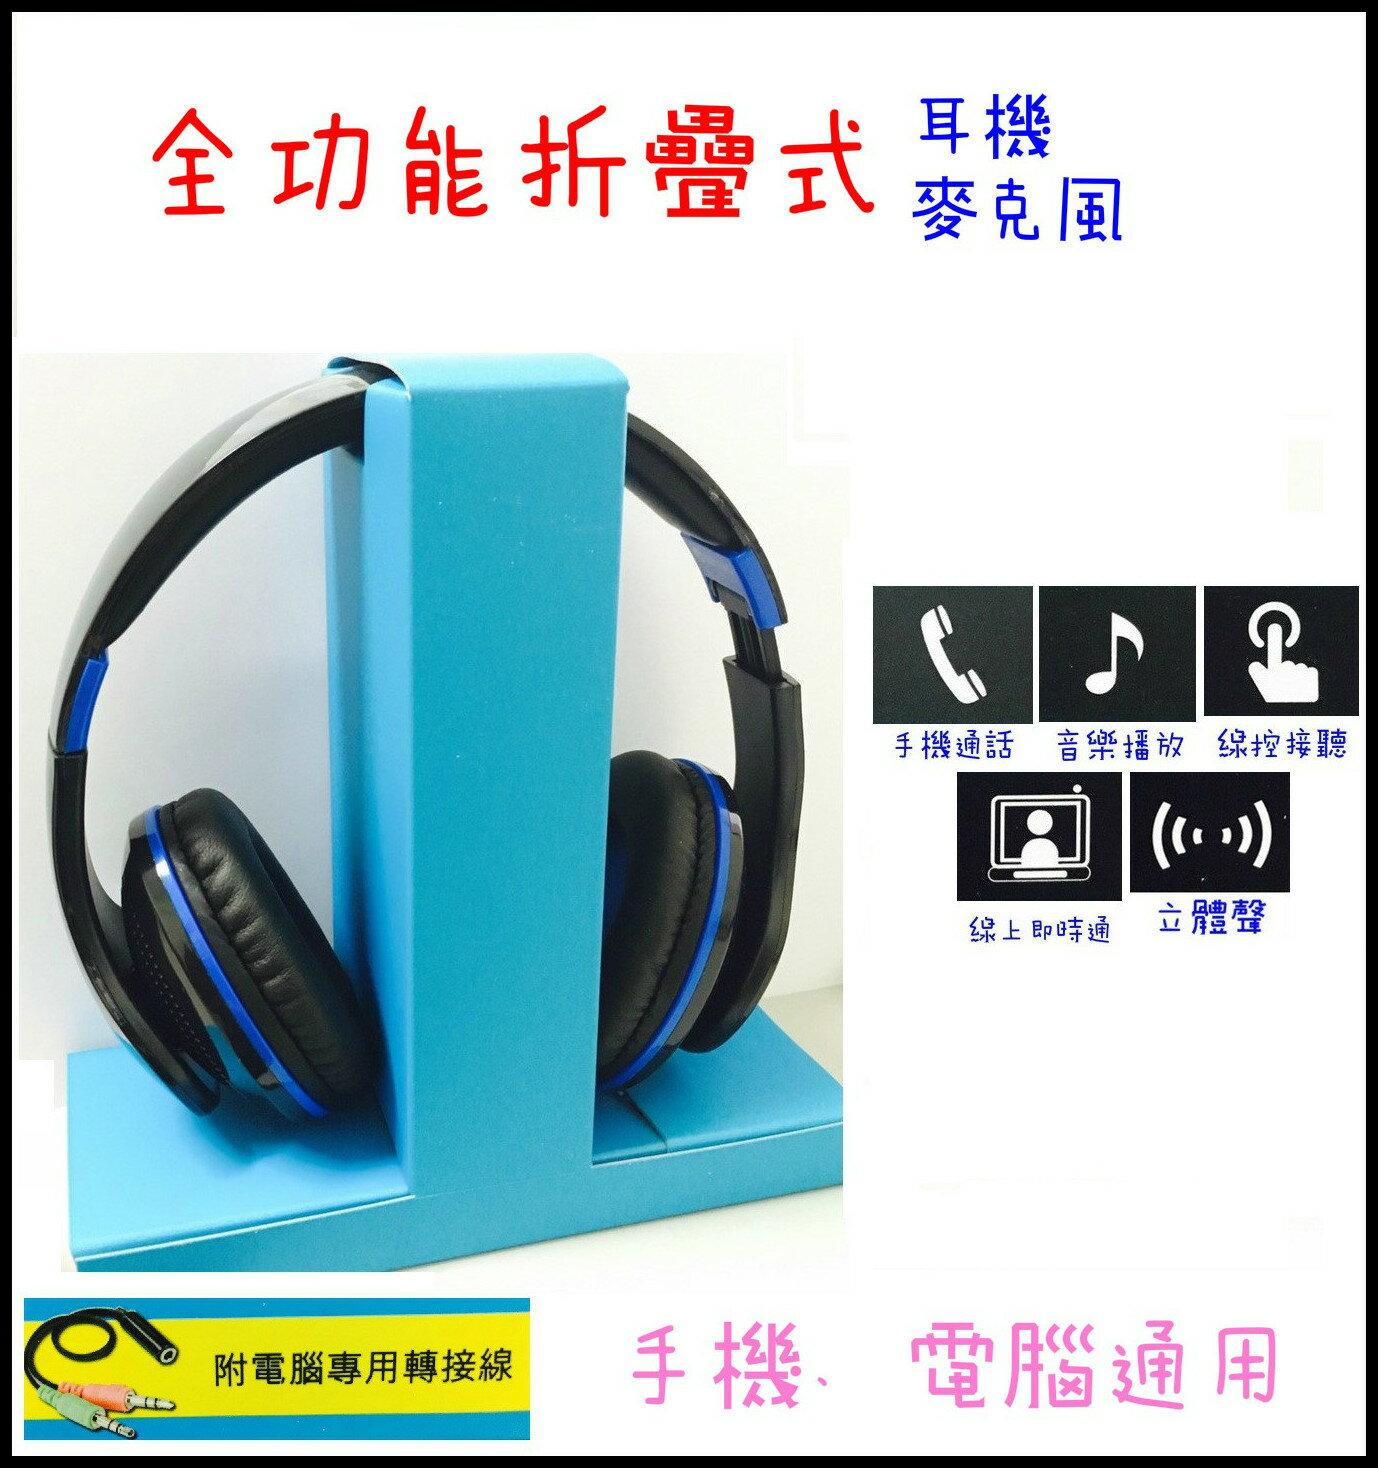 ❤含發票❤【KINYO-全新功能折疊式耳機】❤手機/平板/筆電/MP3/電玩/視訊/聊天/通訊/音樂/Skype❤